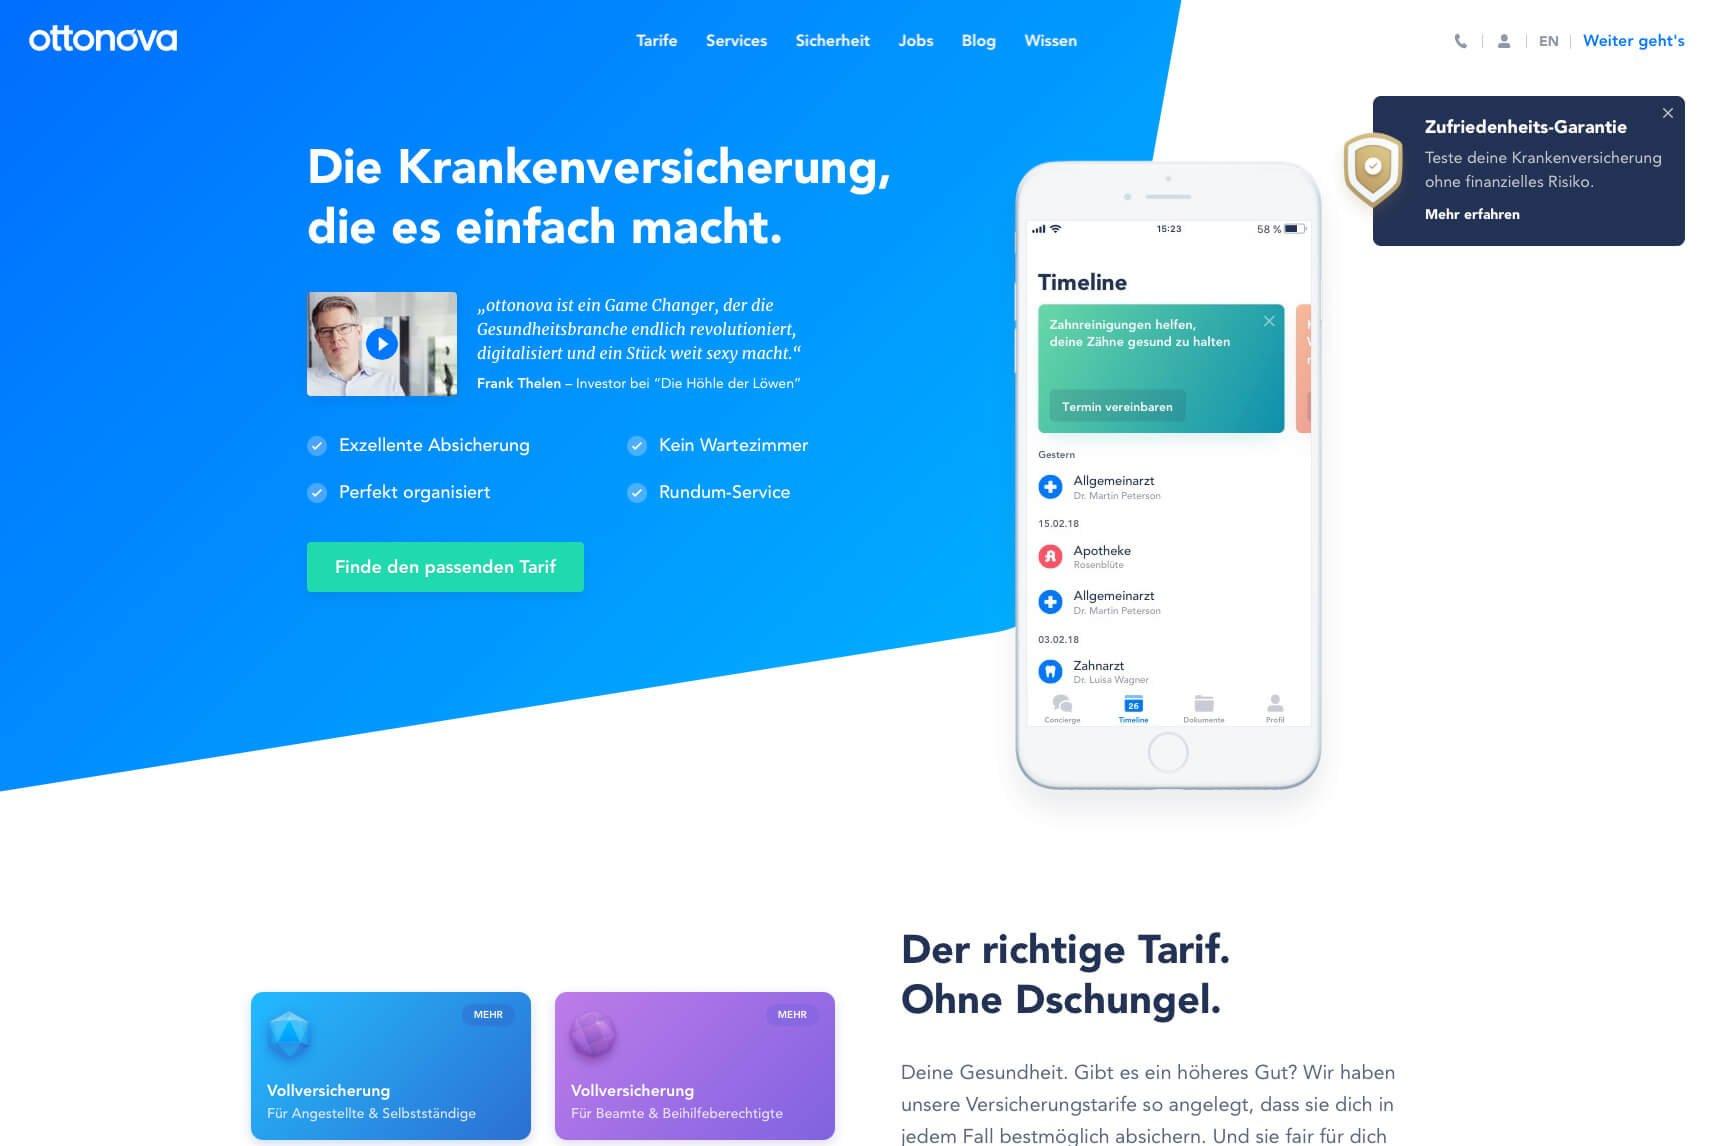 Ottonova Krankenversicherung Website Design